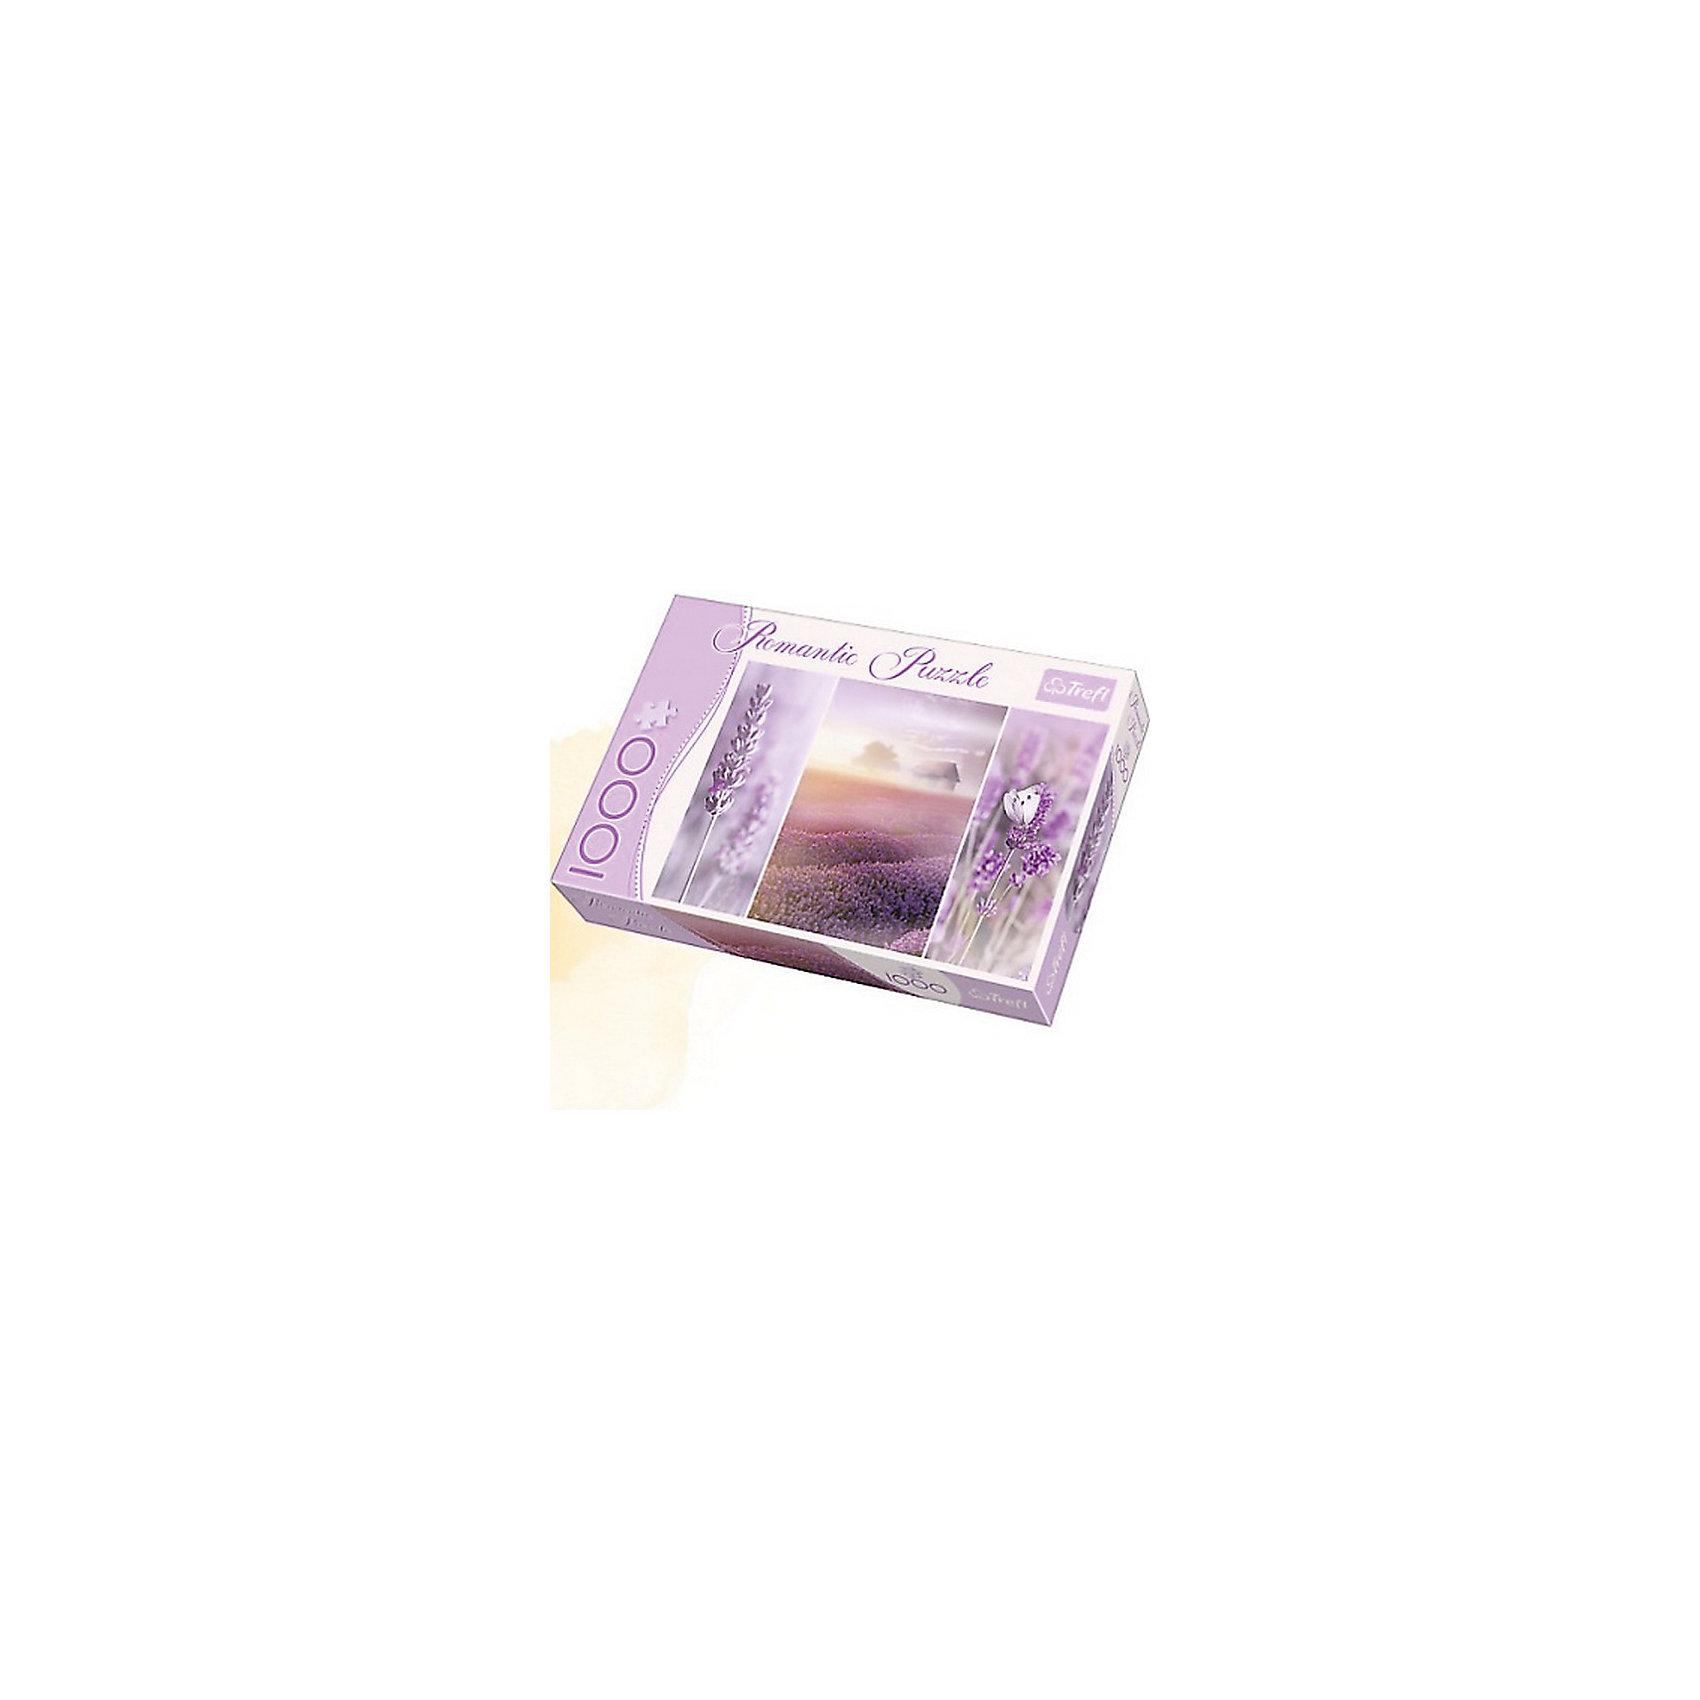 Пазл Лавандовые поля, 1000 деталей, TreflКлассические пазлы<br>Характеристики товара:<br><br>• возраст от 12 лет;<br>• материал: картон;<br>• в наборе: 1000 элементов;<br>• размер пазла 68х48 см;<br>• размер упаковки 27х40х6 см;<br>• вес упаковки 750 гр.;<br>• страна производитель Польша.<br><br>Пазл «Лавандовые поля» Trefl — пазл из 1000 деталей, состоящий сразу из трех ярких картинок с изображениями невероятного цвета лавандовых полей. Собирая пазл, у детей развиваются внимательность, усидчивость, аккуратность. Пазл изготовлен из качественных экологически чистых материалов. <br><br>Пазл «Лавандовые поля» Trefl можно приобрести в нашем интернет-магазине.<br><br>Ширина мм: 400<br>Глубина мм: 60<br>Высота мм: 270<br>Вес г: 750<br>Возраст от месяцев: 144<br>Возраст до месяцев: 2147483647<br>Пол: Унисекс<br>Возраст: Детский<br>SKU: 5578466